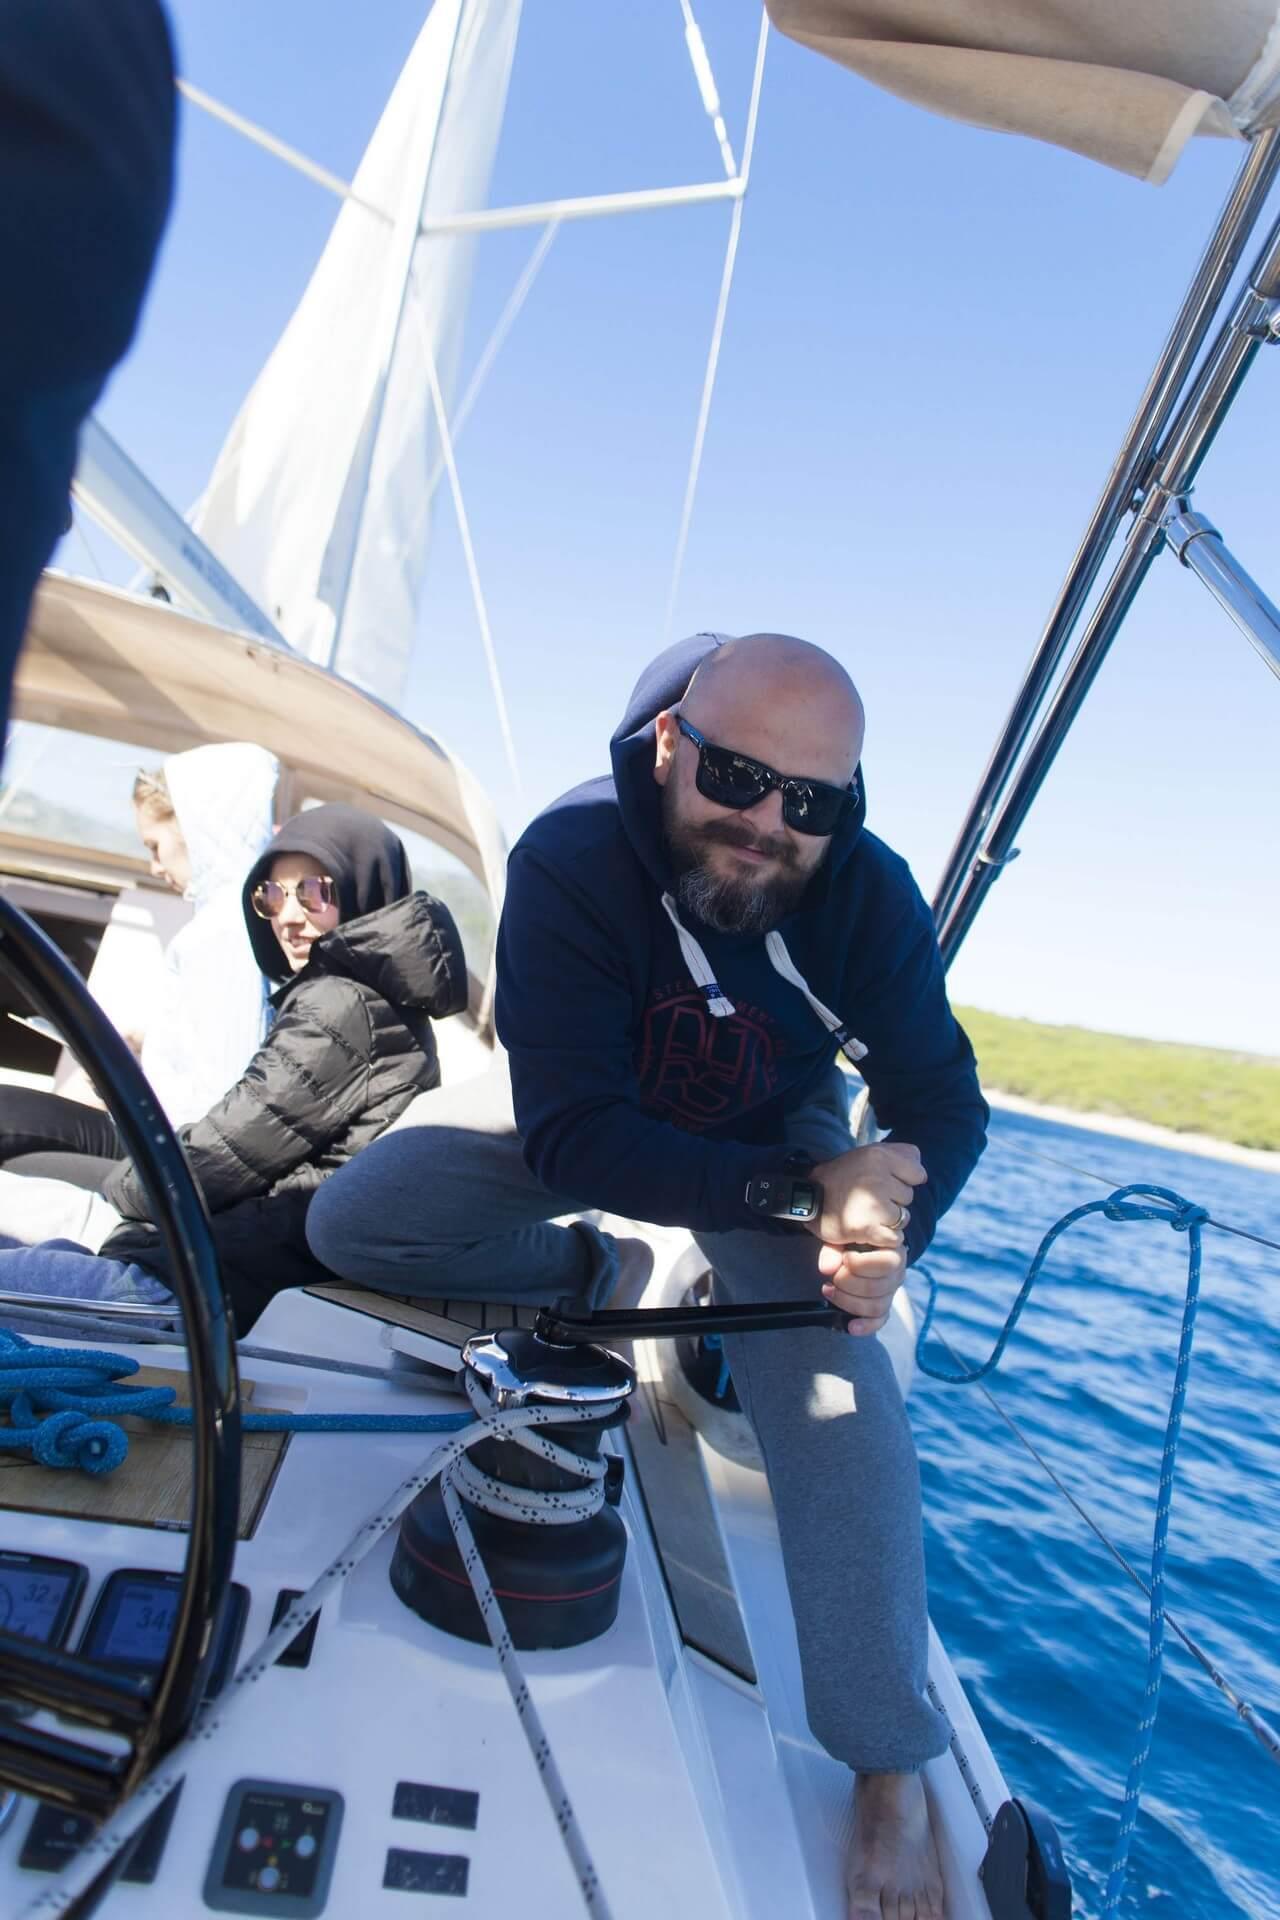 Ambasadorzy YACHTIC fot. Grzegorz z YACHTIC.com